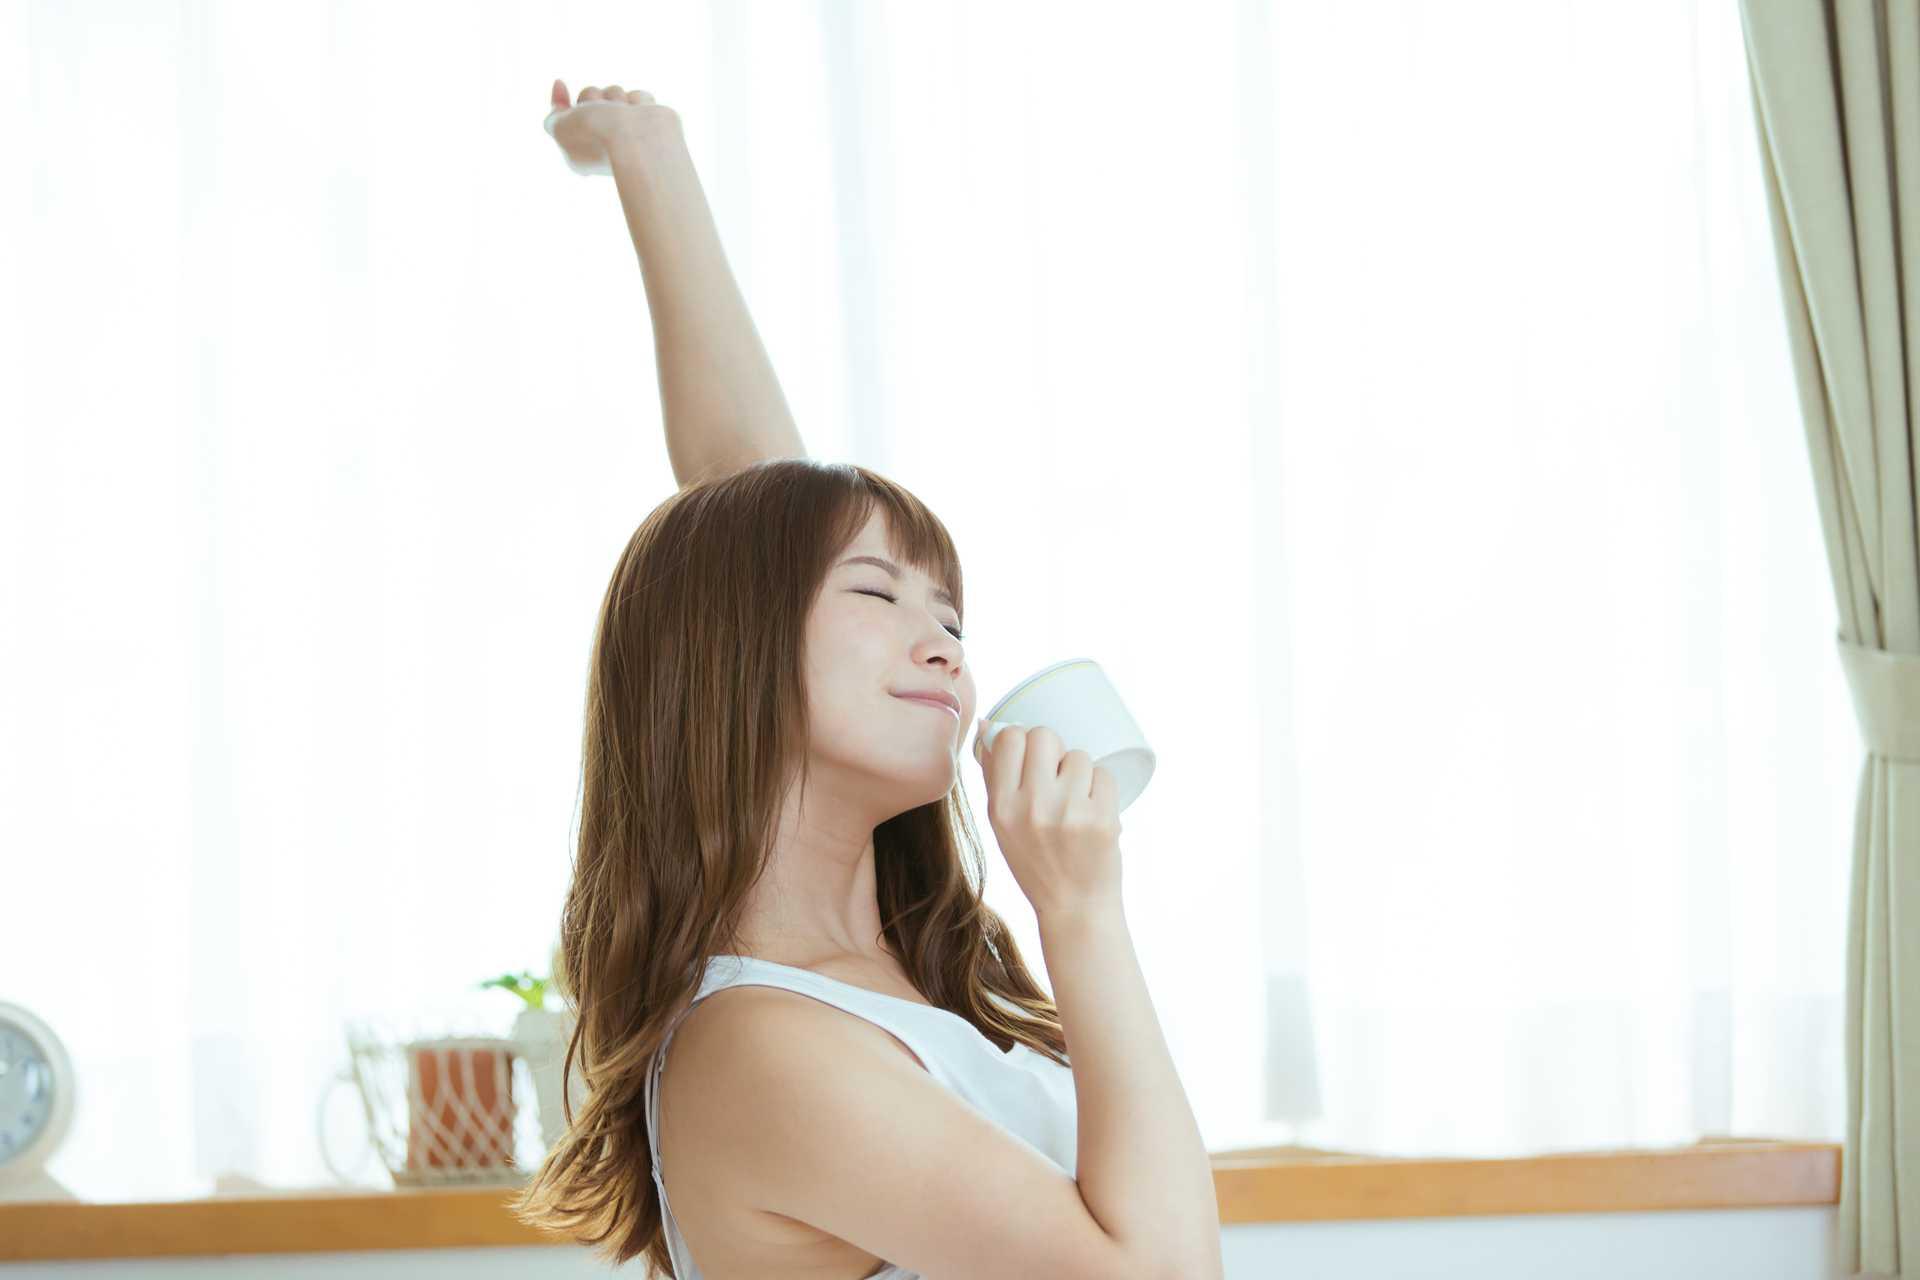 コーヒーを飲んだ30分後にウォーキングすれば、ダイエット効果は倍増する。 | ウォーキング・ダイエットのすすめ